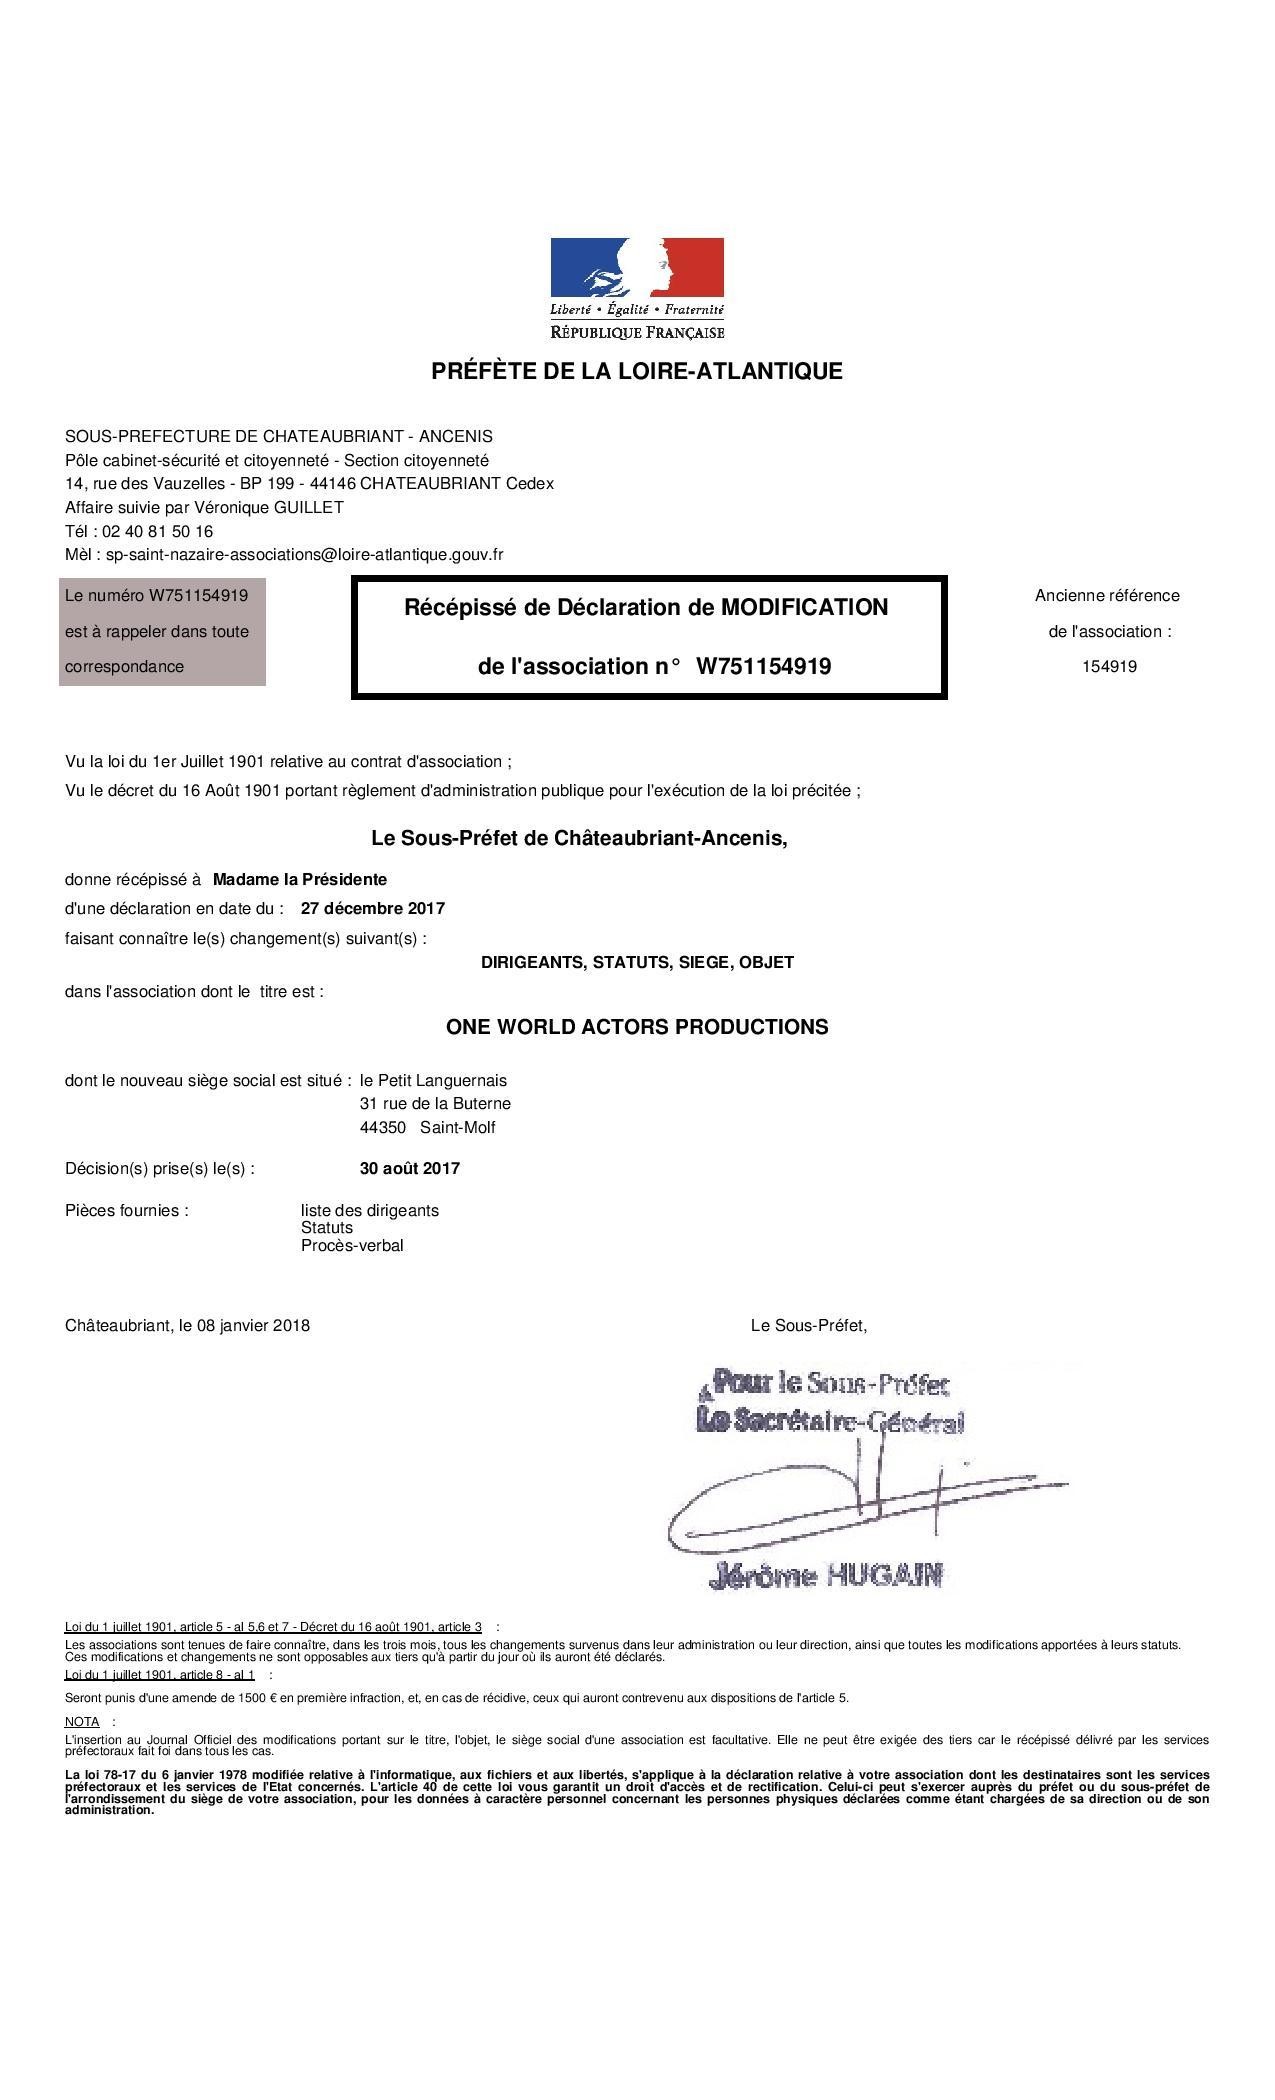 OWAP-AR JPEG Recepisse_MD Préfecture Assocs. Chateaubriant modifs.-page-001.jpg